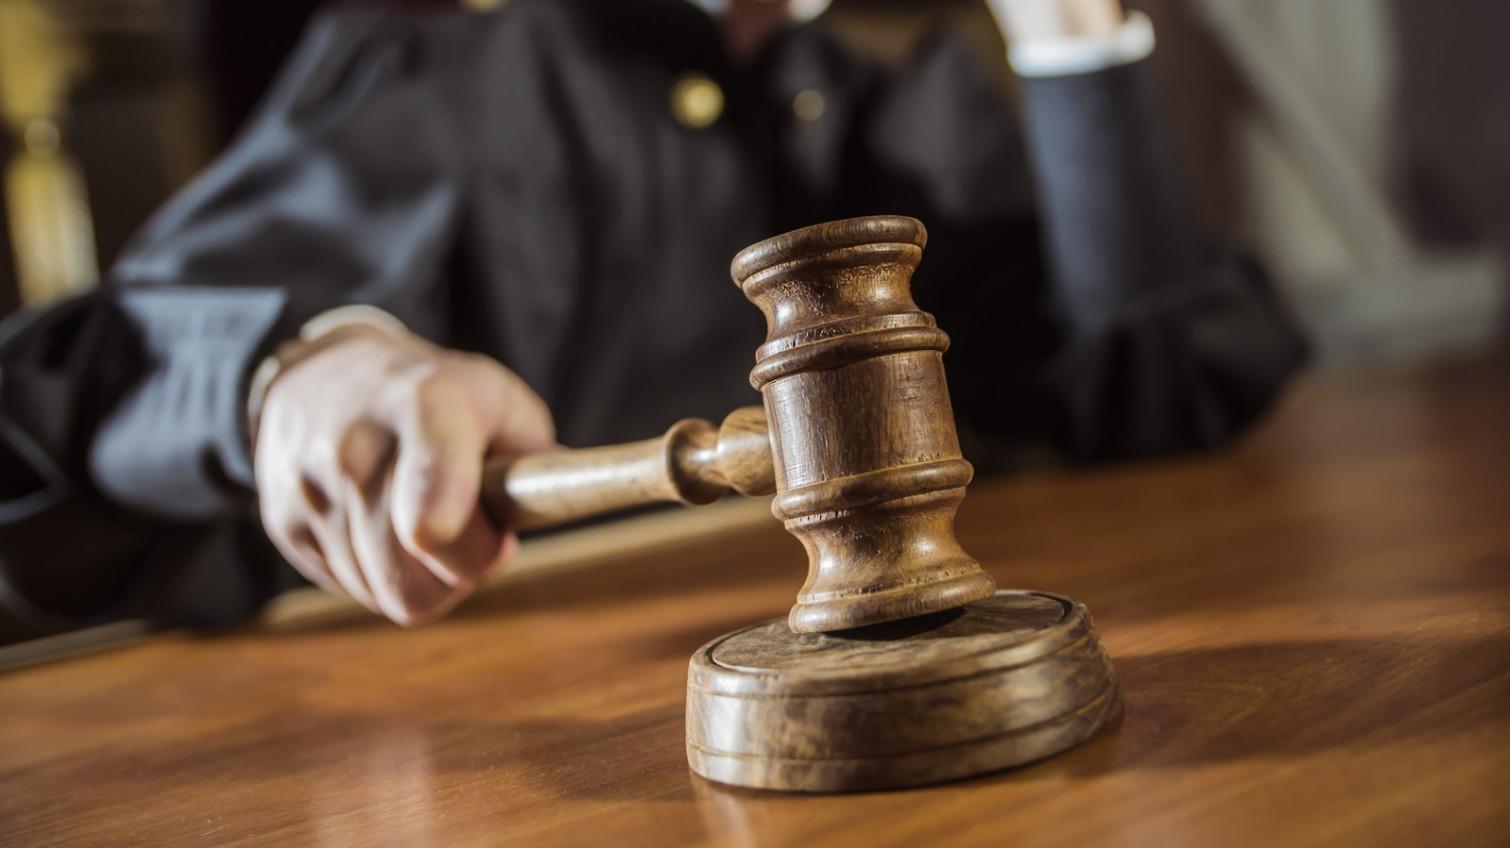 В Тарутино за изнасилование знакомой двое мужчин сядут в тюрьму и заплатят 50 тысяч «фото»